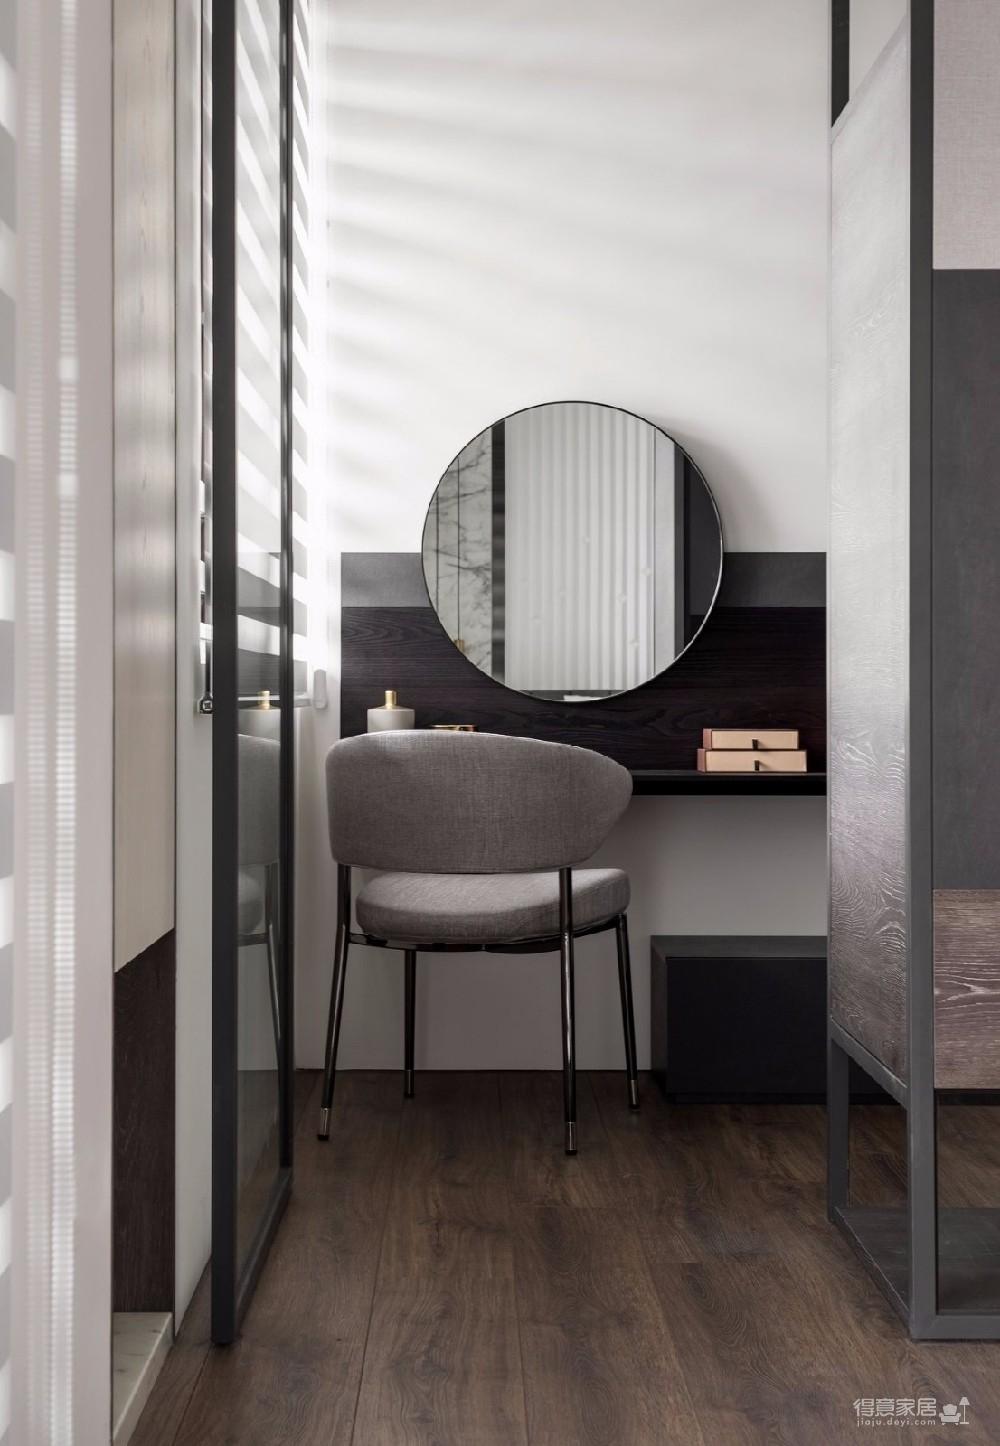 透过俐落、明快的现代感线条描绘一室,揉合玻璃、铁件、木纹、塑合板与磁砖,深浅色系与冷暖材质的搭配,细腻的细节安排下,烘托一片渐层视感的美学丰采,同时兼具实用机能的优质宅居。